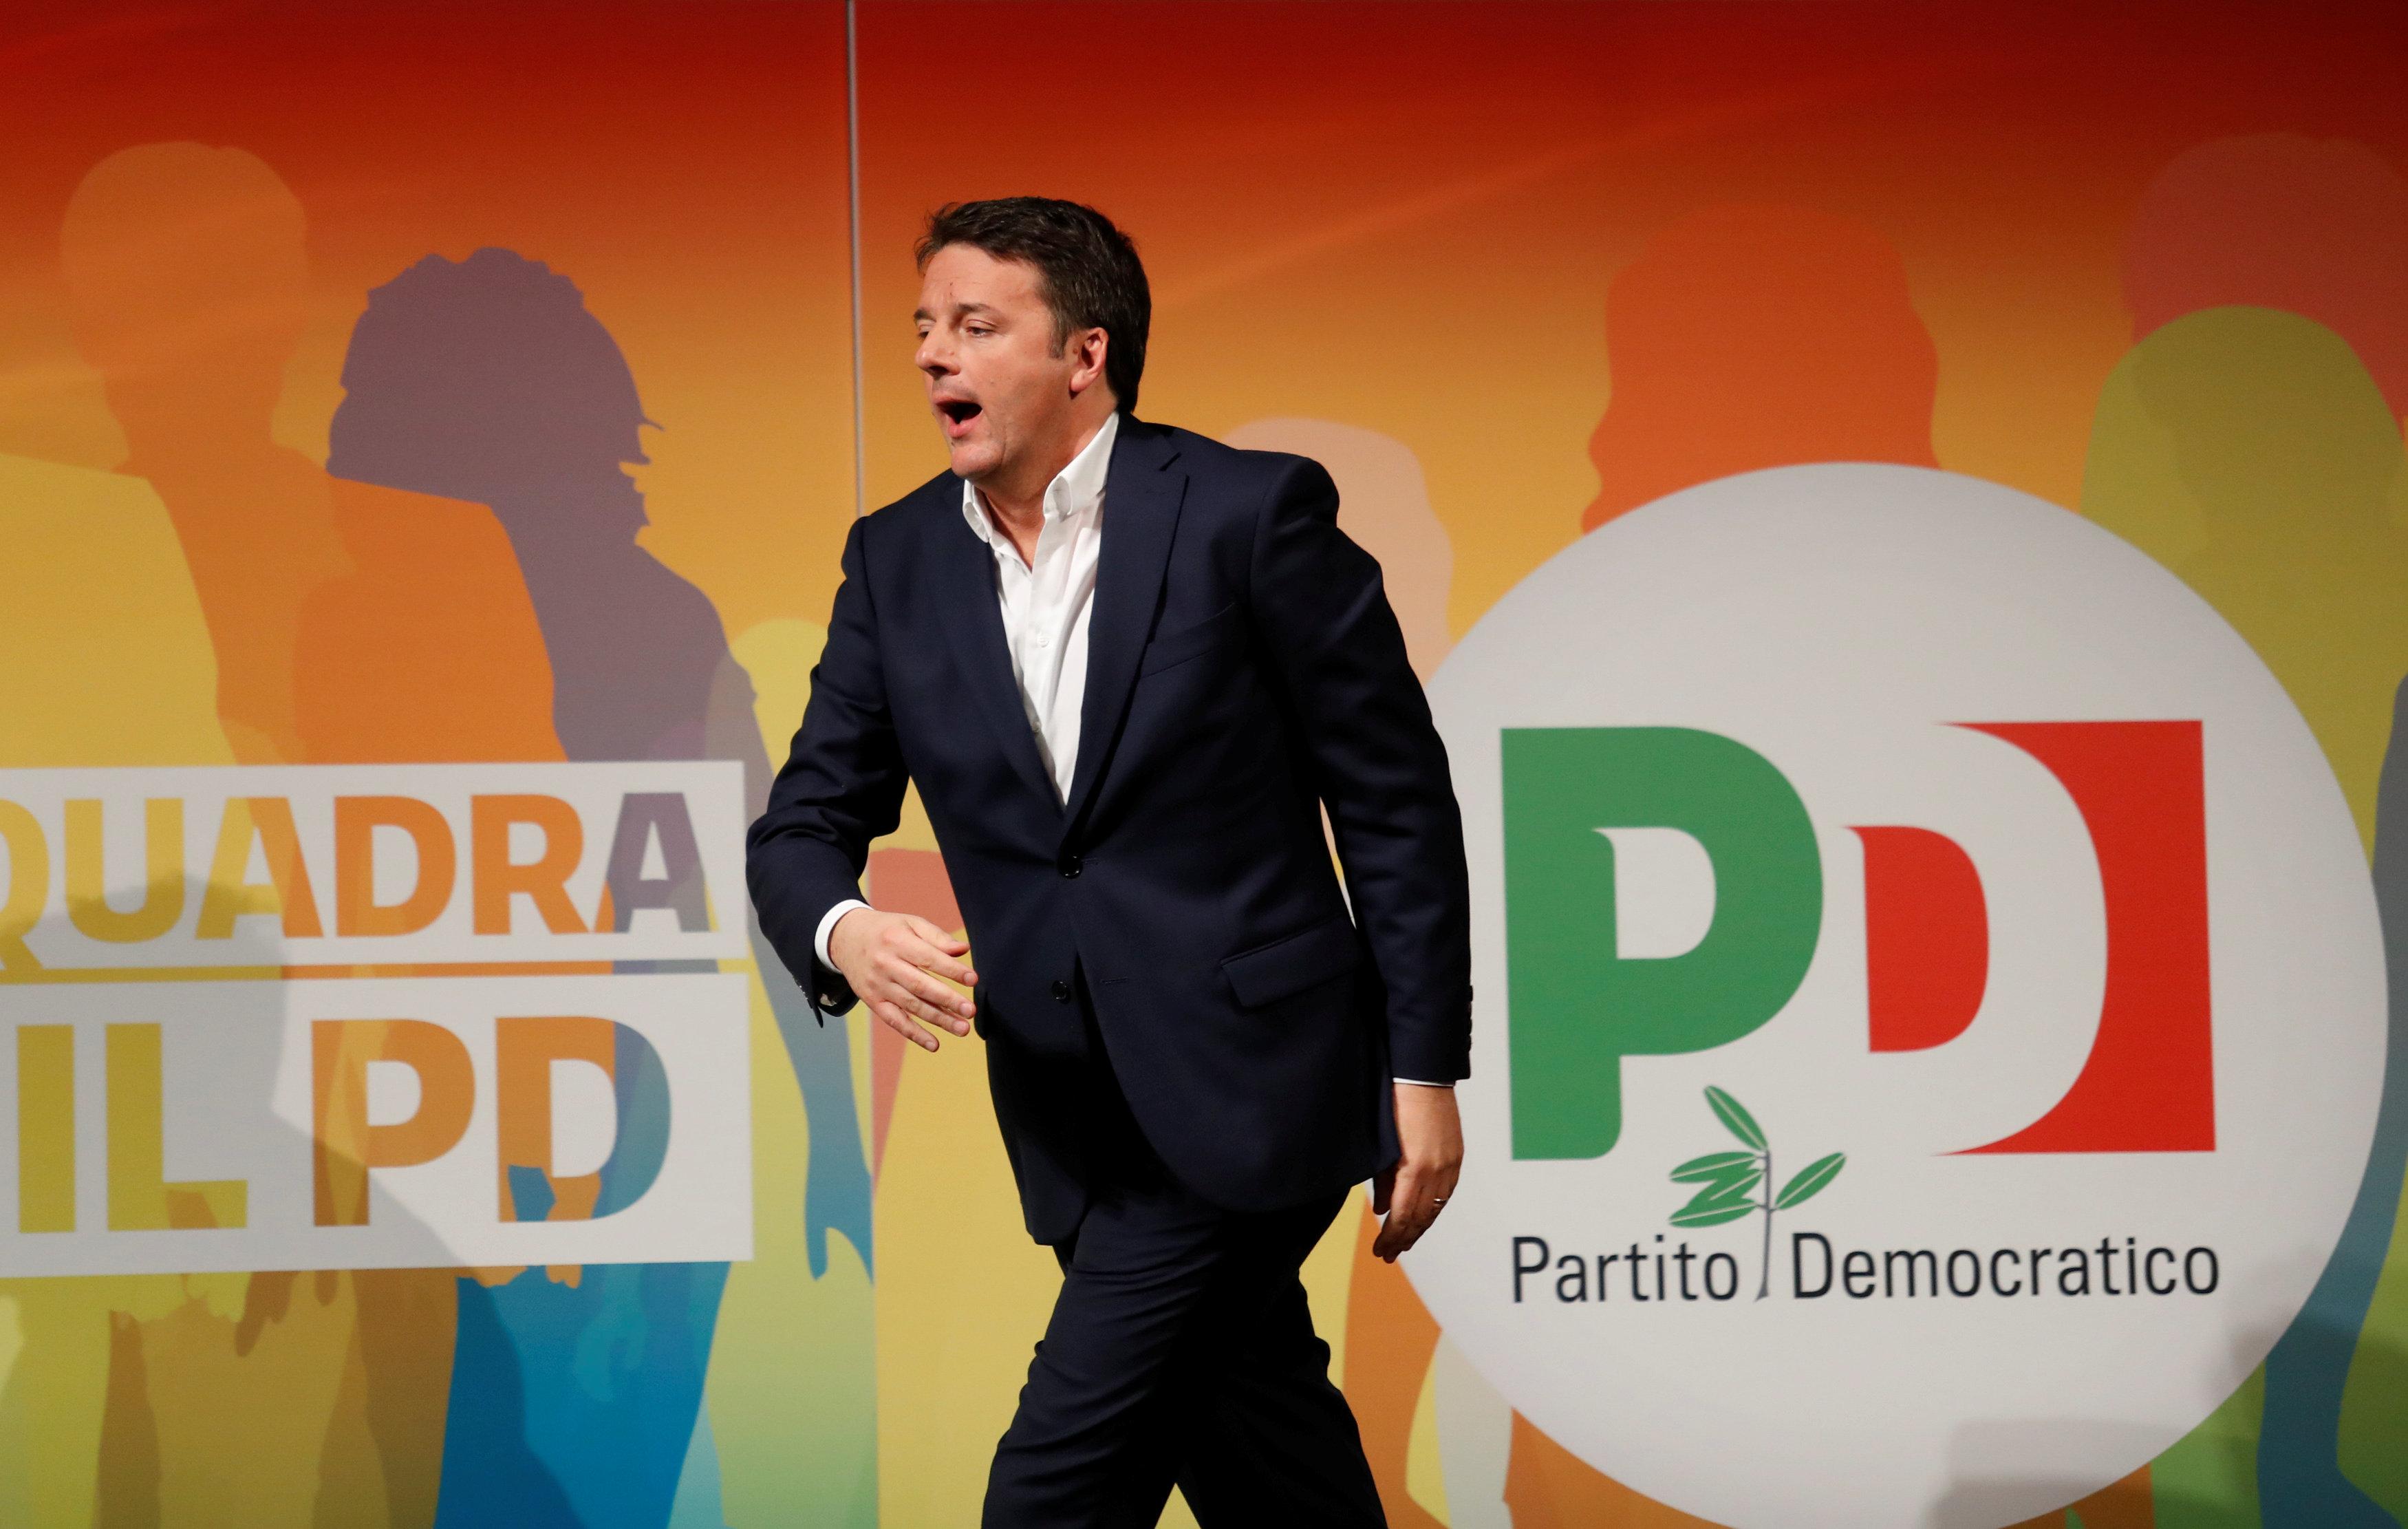 El Partido Democrático de Renzi se mantiene en el gobierno, pero tras los comicios del domingo seguramente tendrá que entregarlo a otra fuerza (AFP)